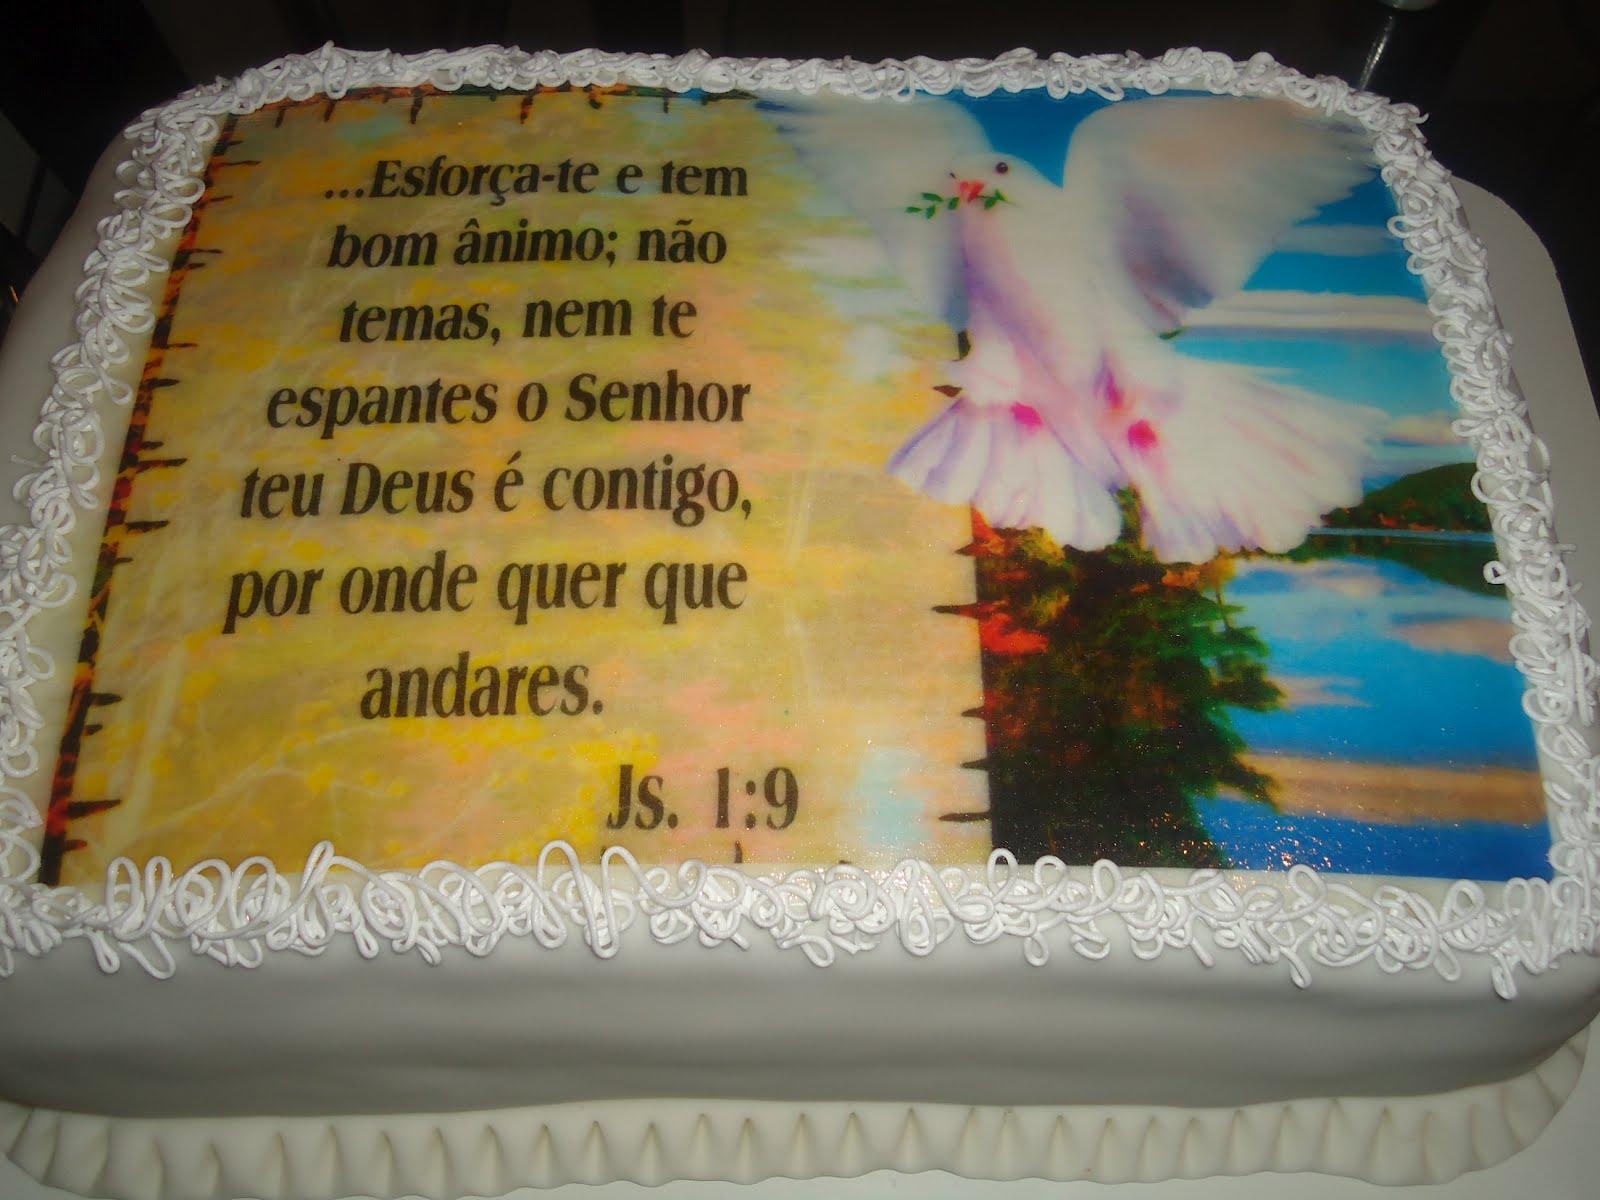 Mensagens Biblicas Para Aniversario: DaVisa Bolo's: BOLO MENSAGEM BÍBLICA